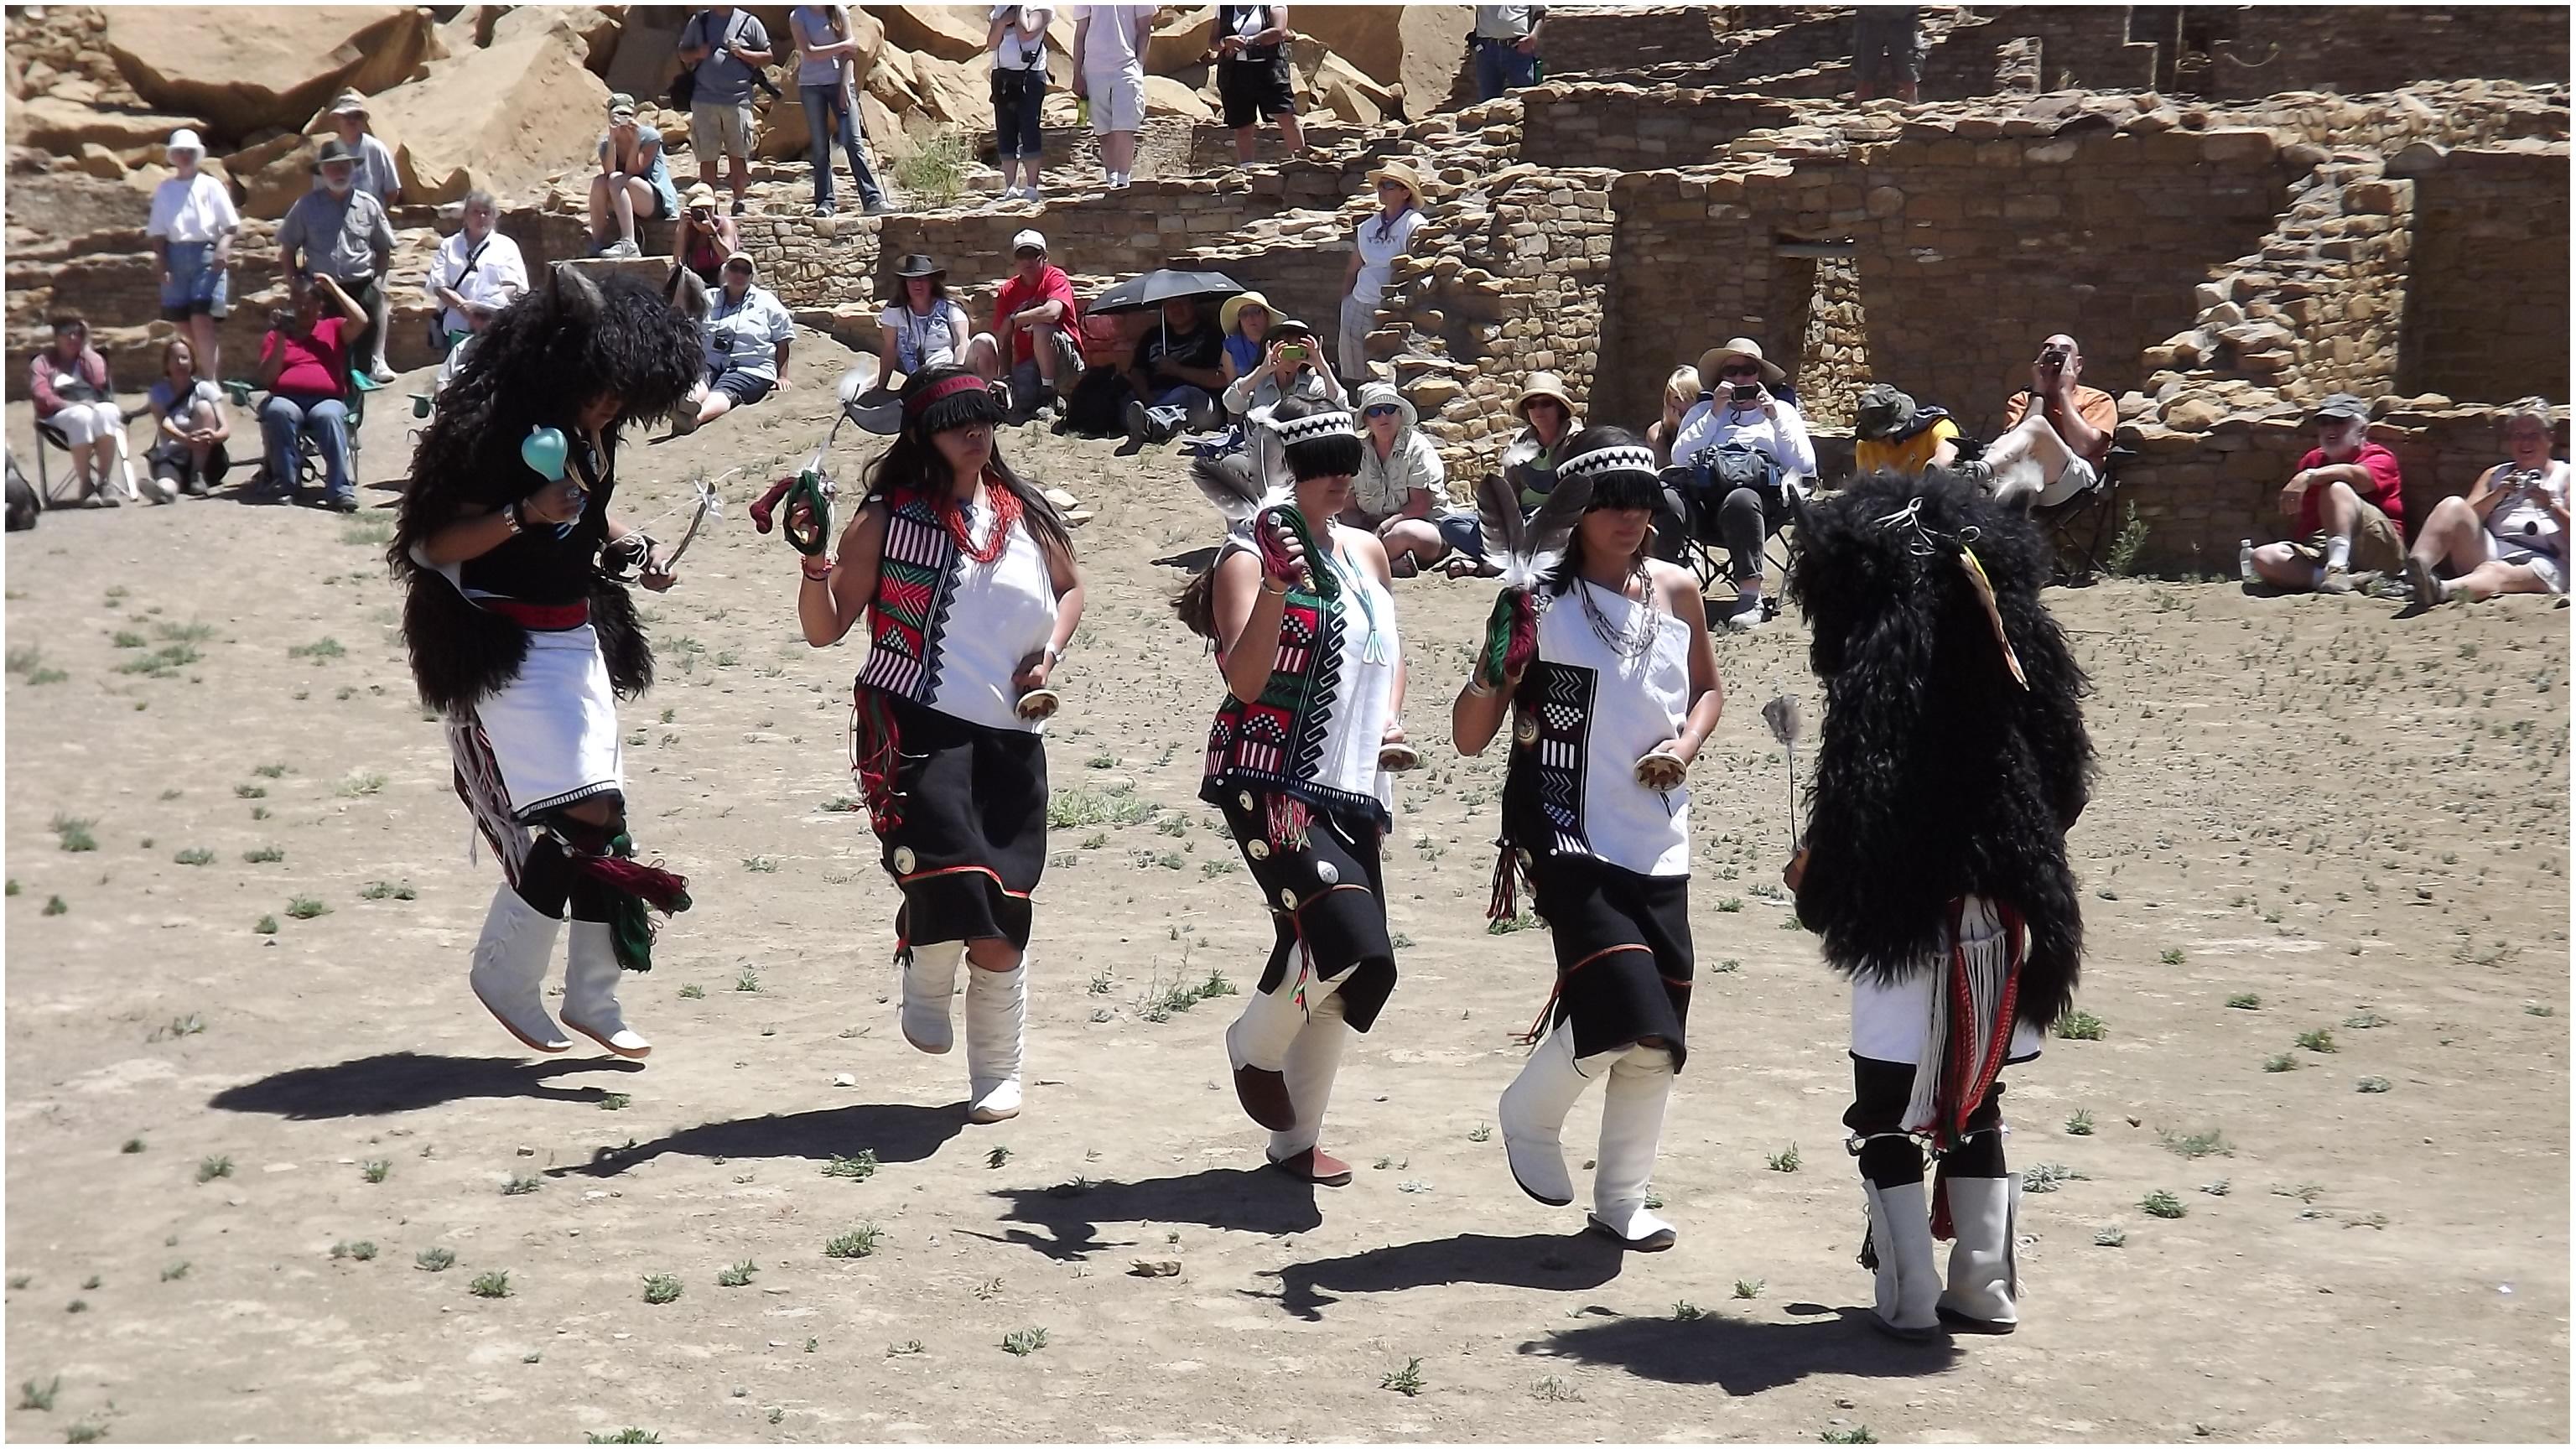 Buffalo dance grupo